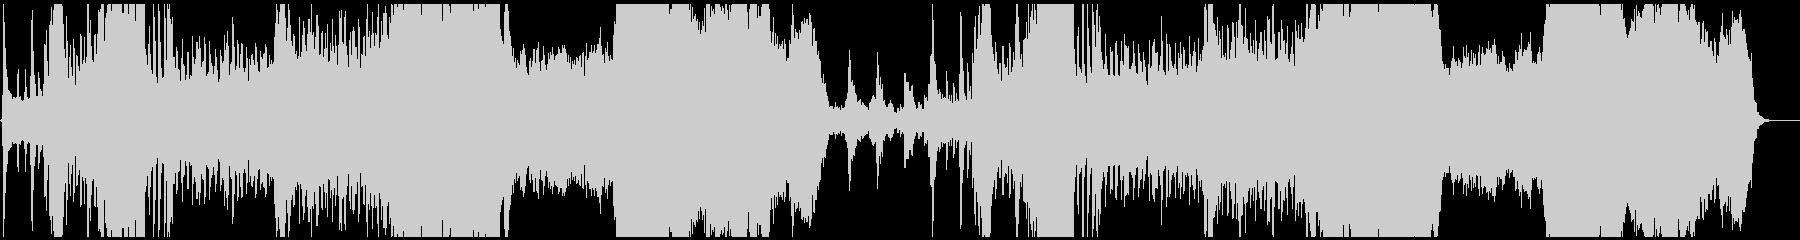 バイオリンメインのオーケストラ戦闘曲の未再生の波形